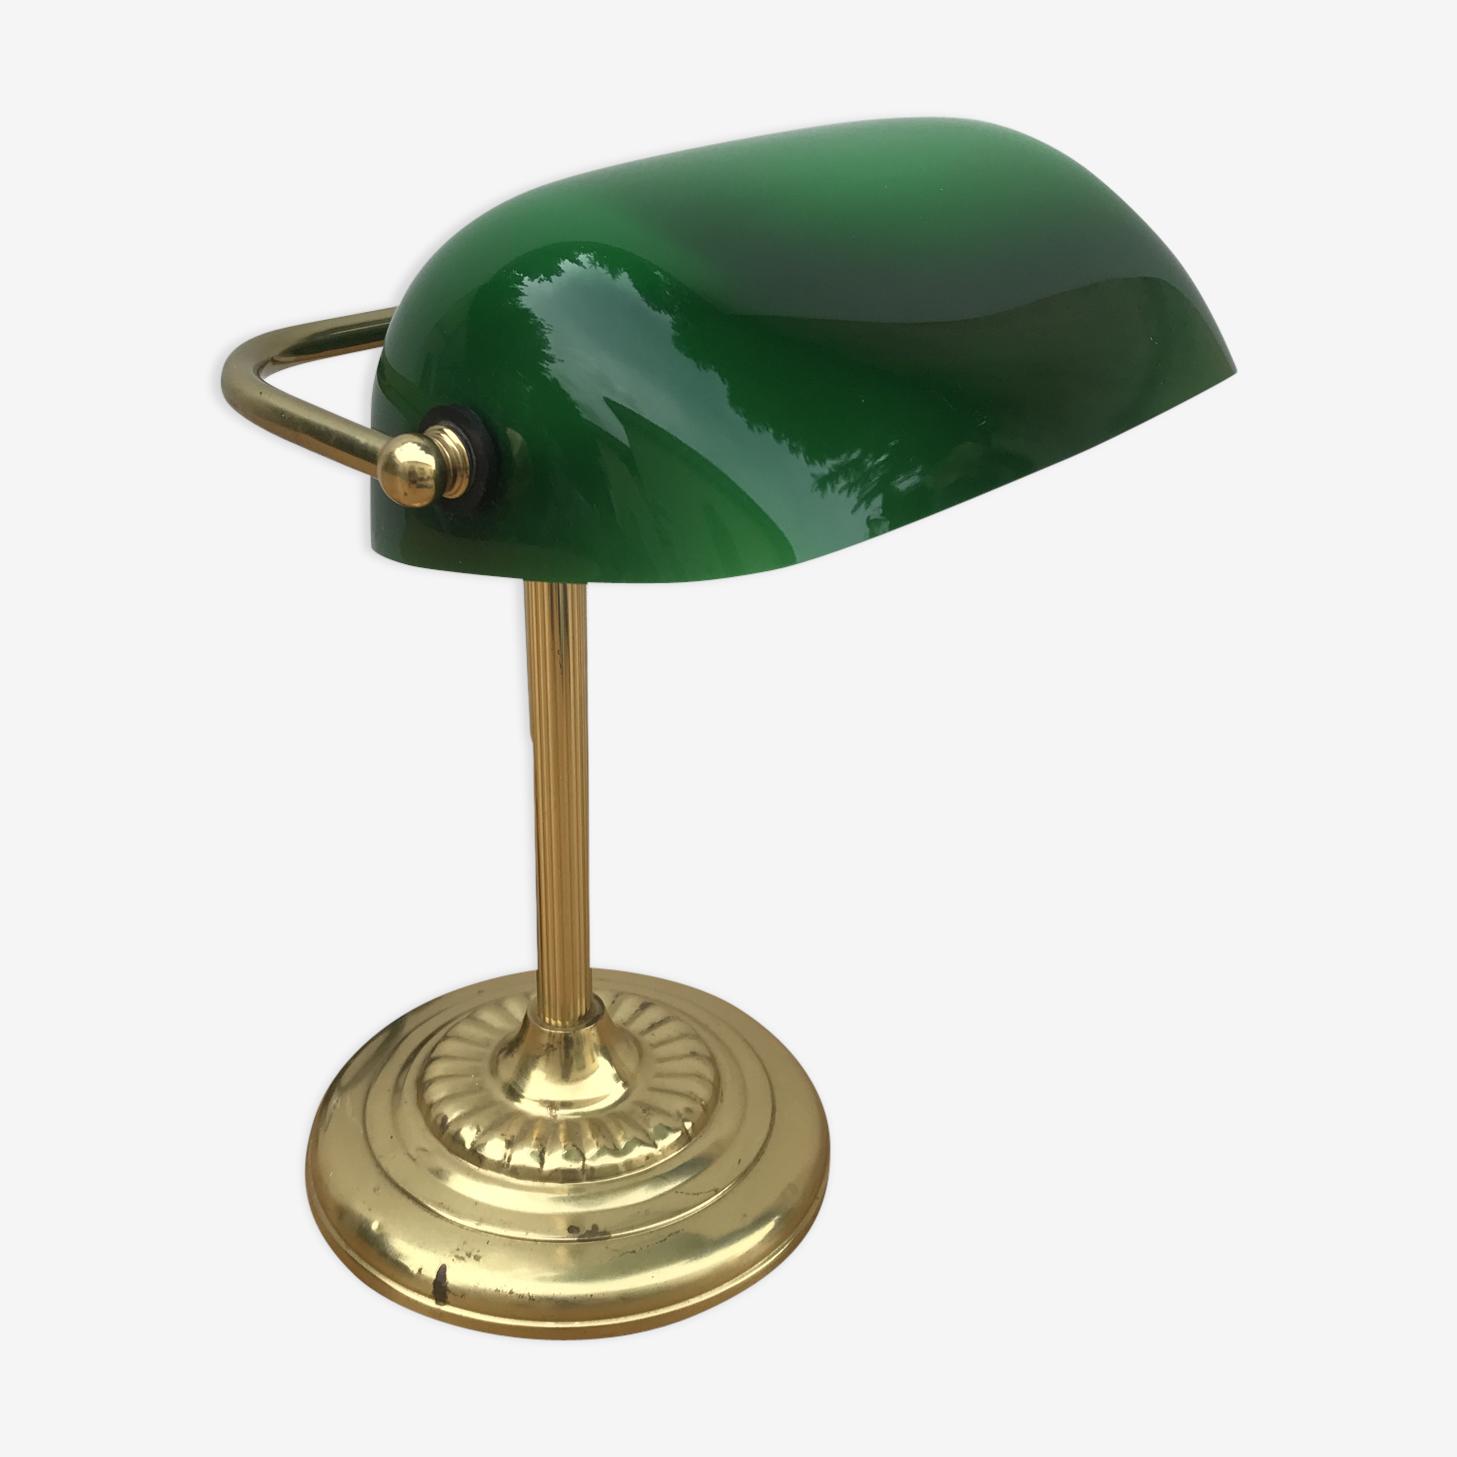 Ancienne Lampe De Banquier En Laiton Abat Jour En Opaline Vert